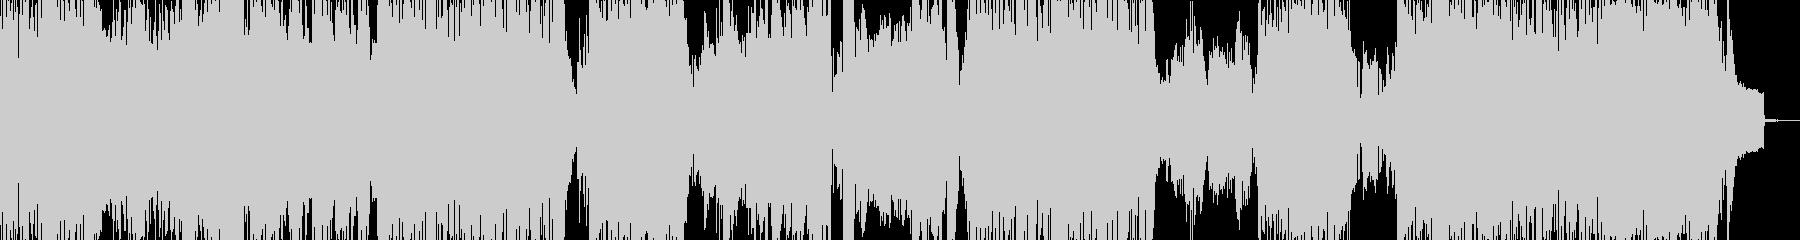 激・異常事態をイメージしたBGMの未再生の波形